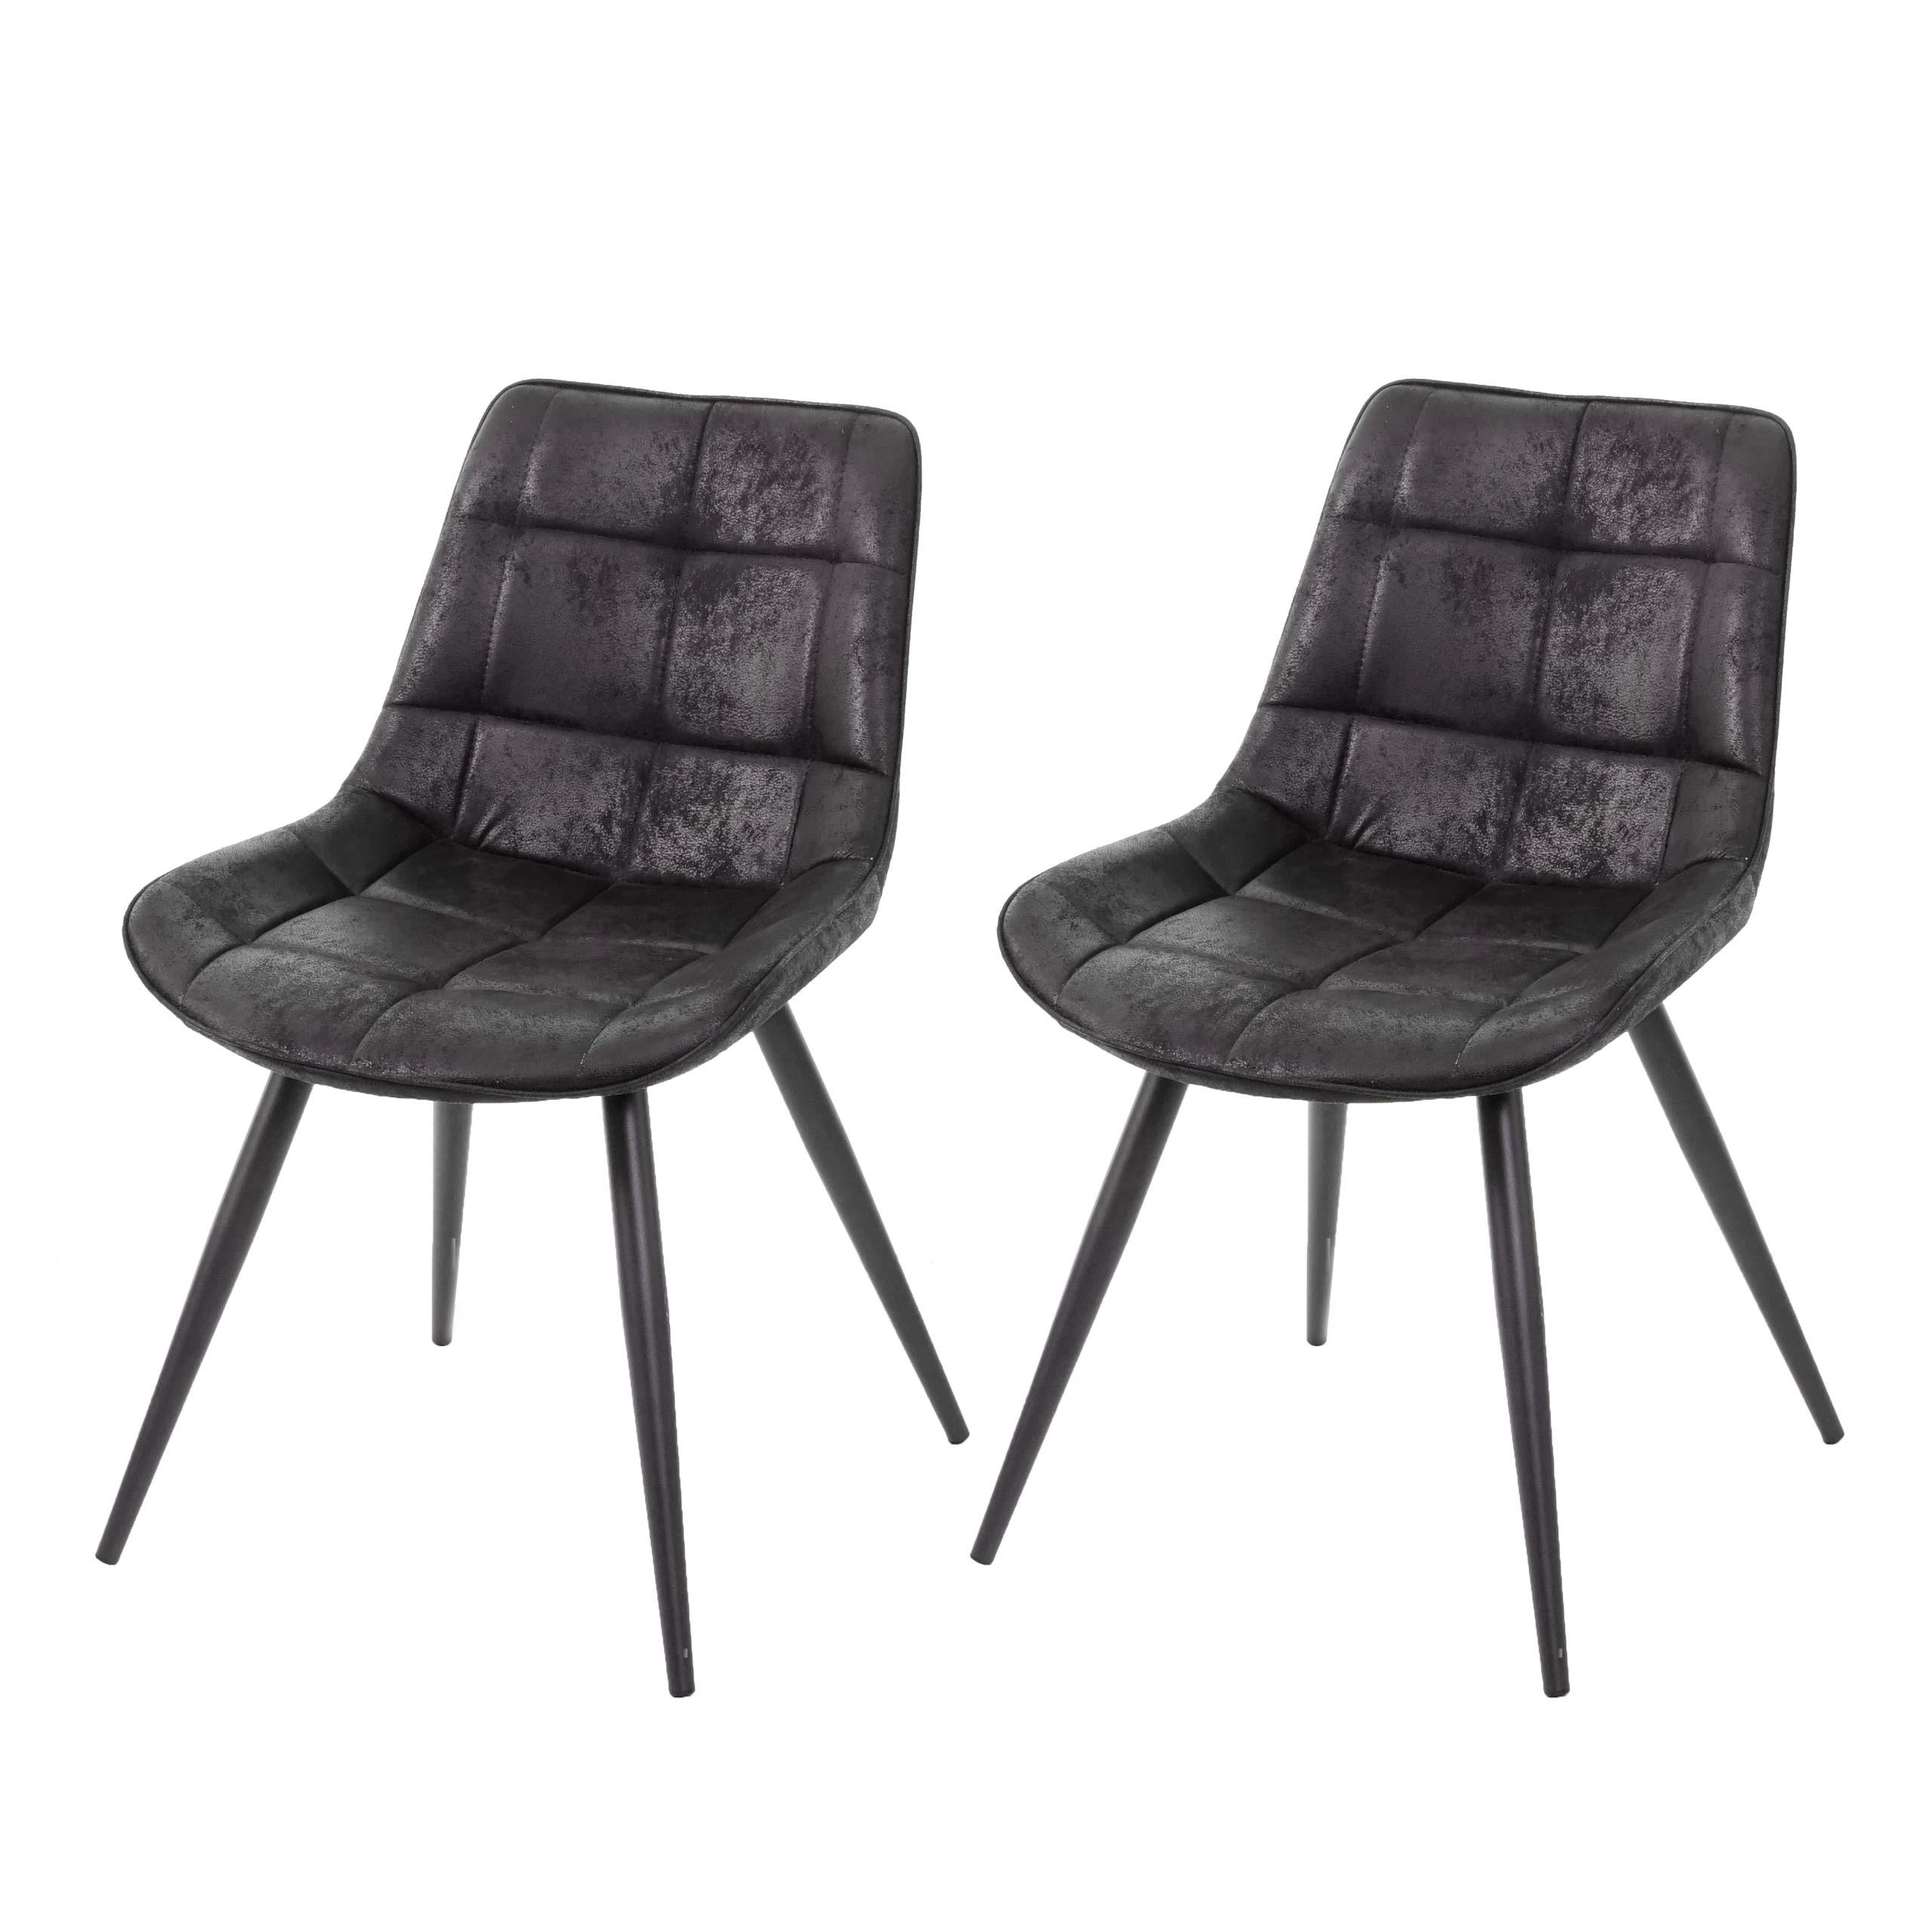 2x Esszimmerstuhl HWC E57, Stuhl Cocktailstuhl Küchenstuhl Polsterstuhl, Retro Wildleder Optik ~ StoffTextil schwarz